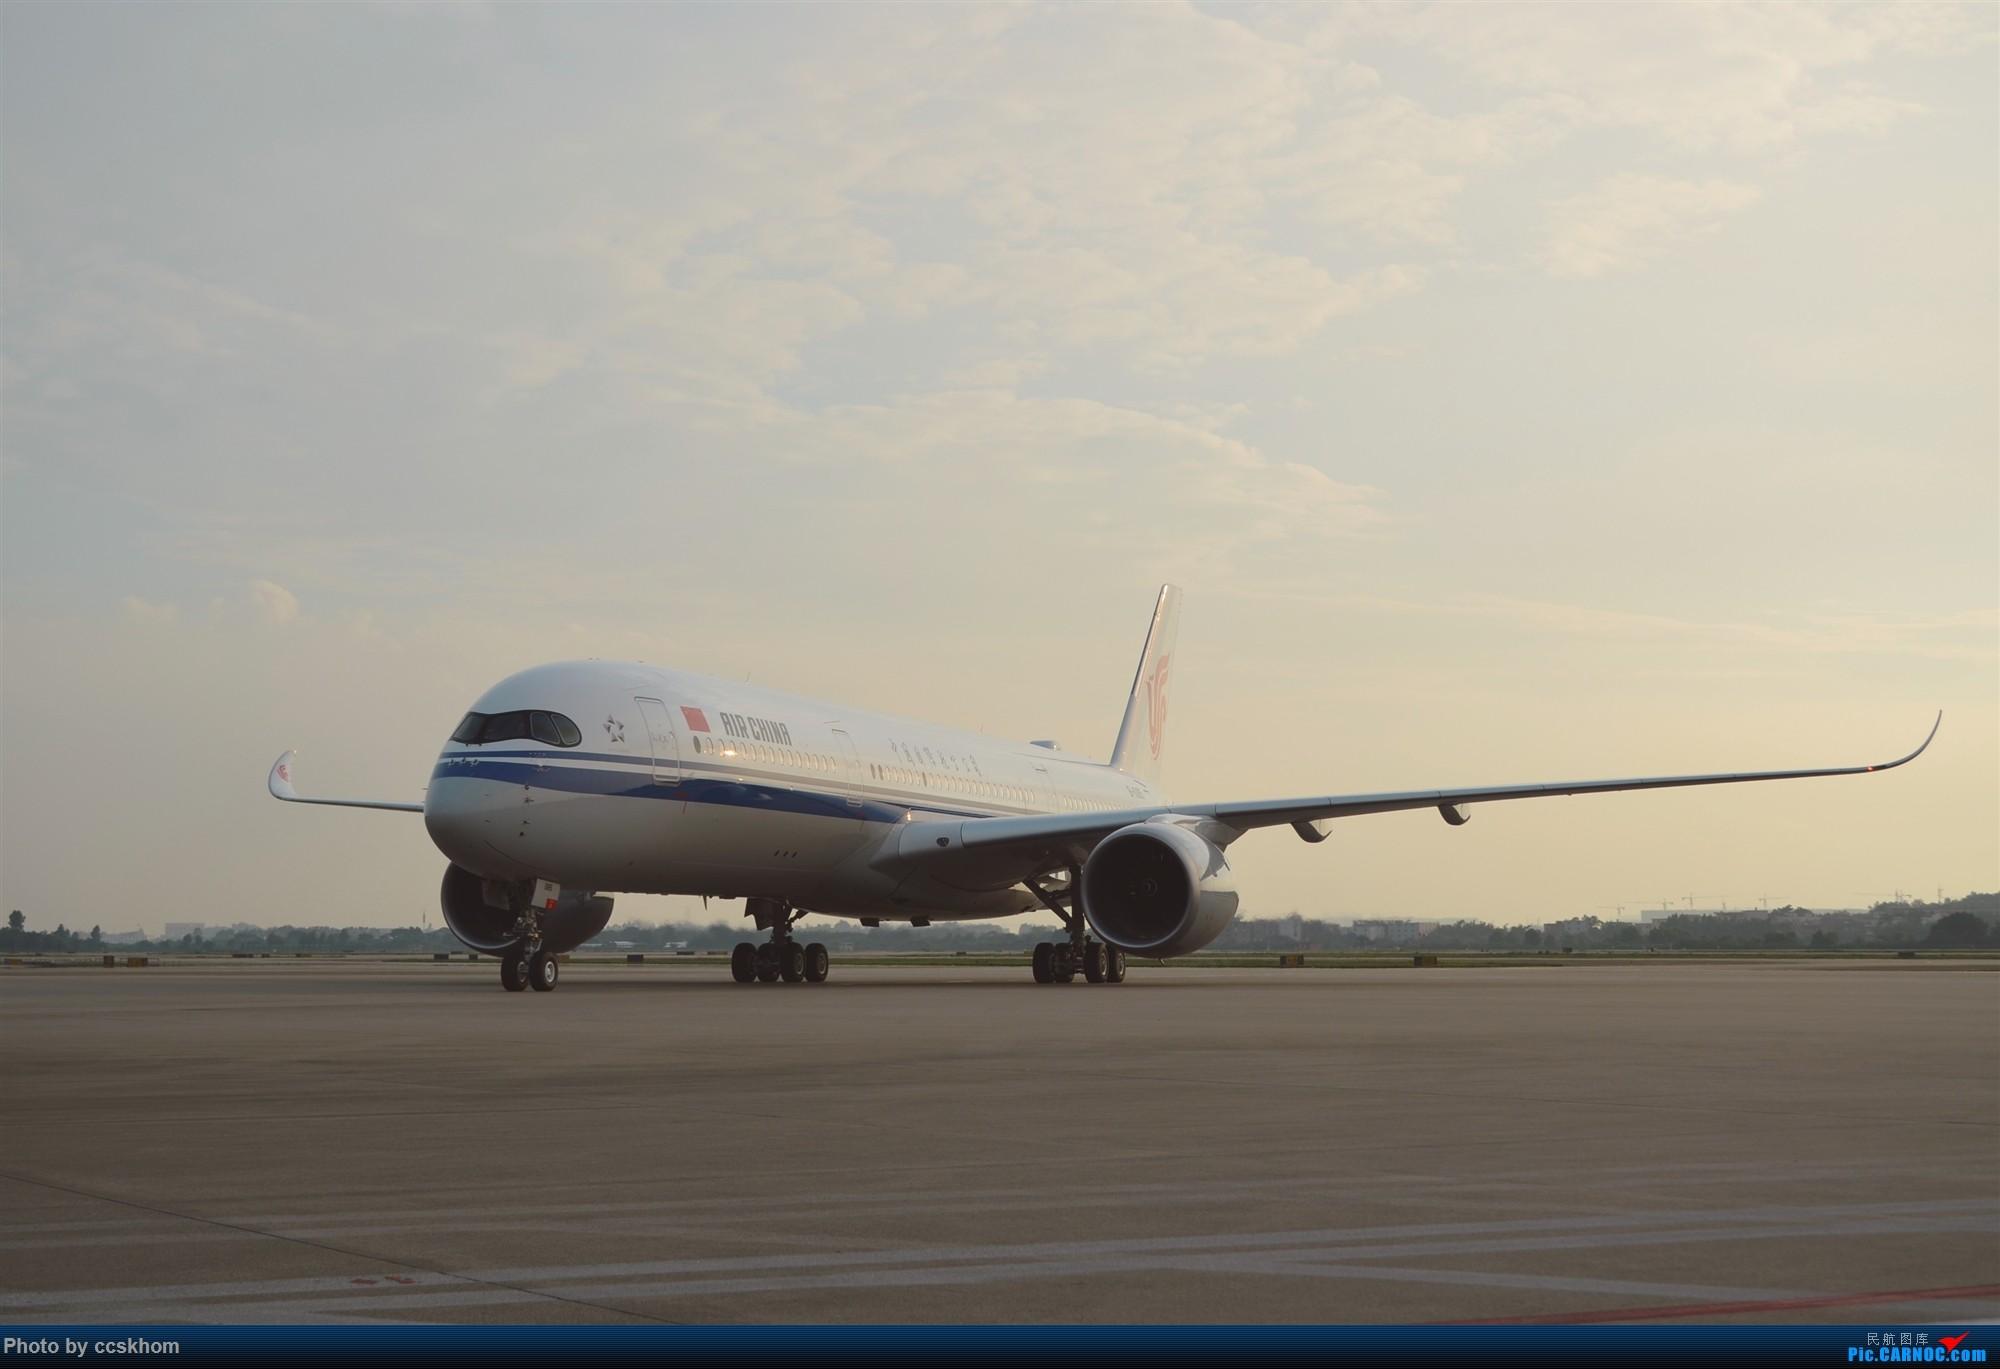 在机坪接国航A350的广州首航 AIRBUS A350-900 B-1085 中国广州白云国际机场